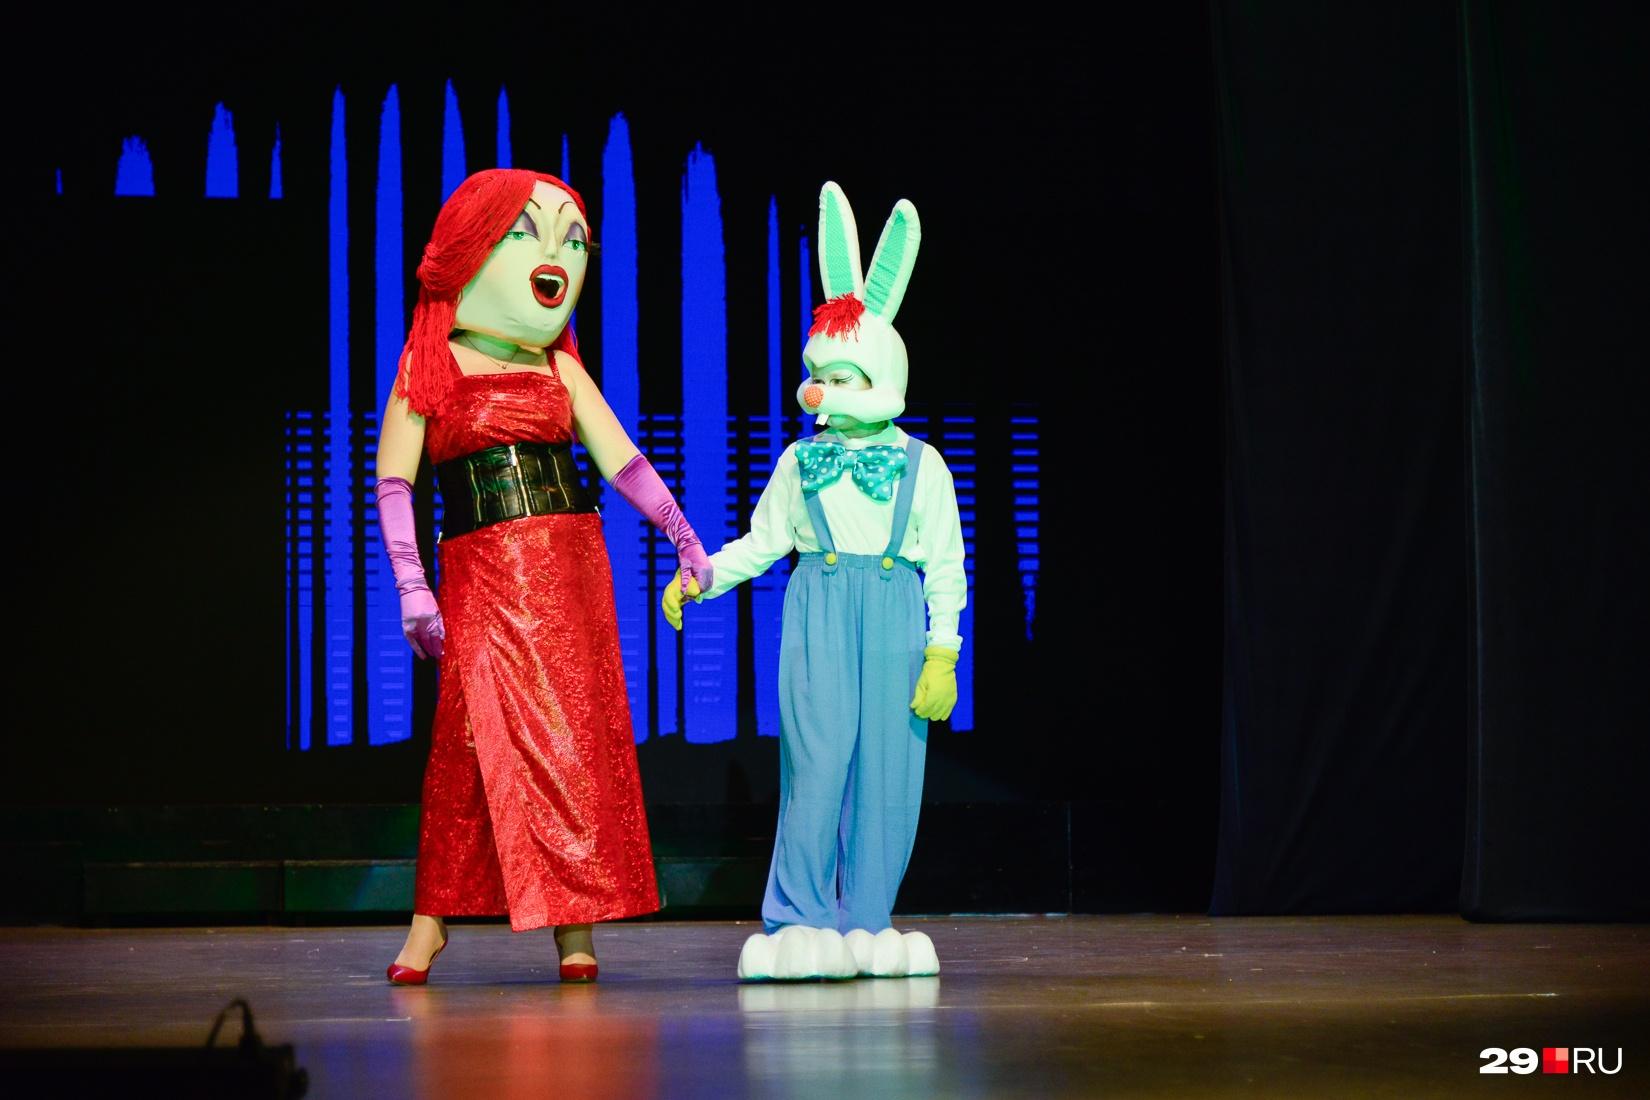 Джессика Рэббит и ее сердечный друг — Кролик Роджер